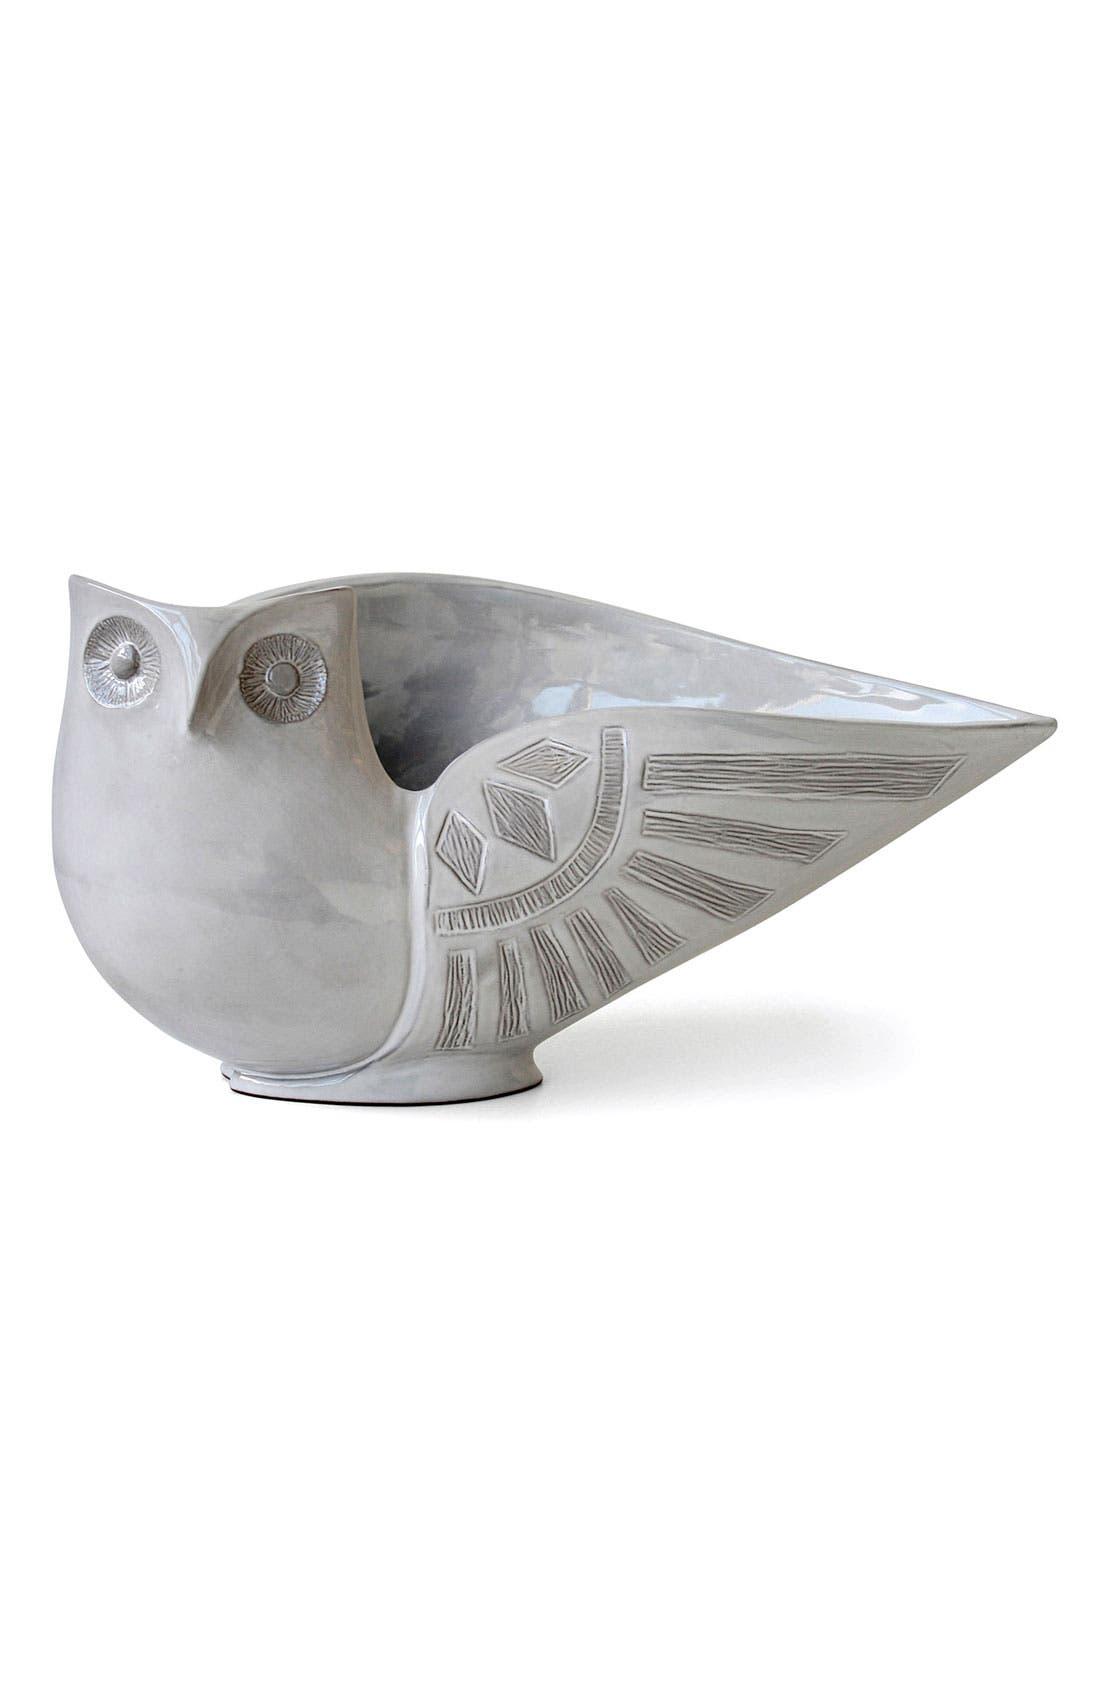 Alternate Image 1 Selected - Jonathan Adler 'Utopia' Owl Bowl